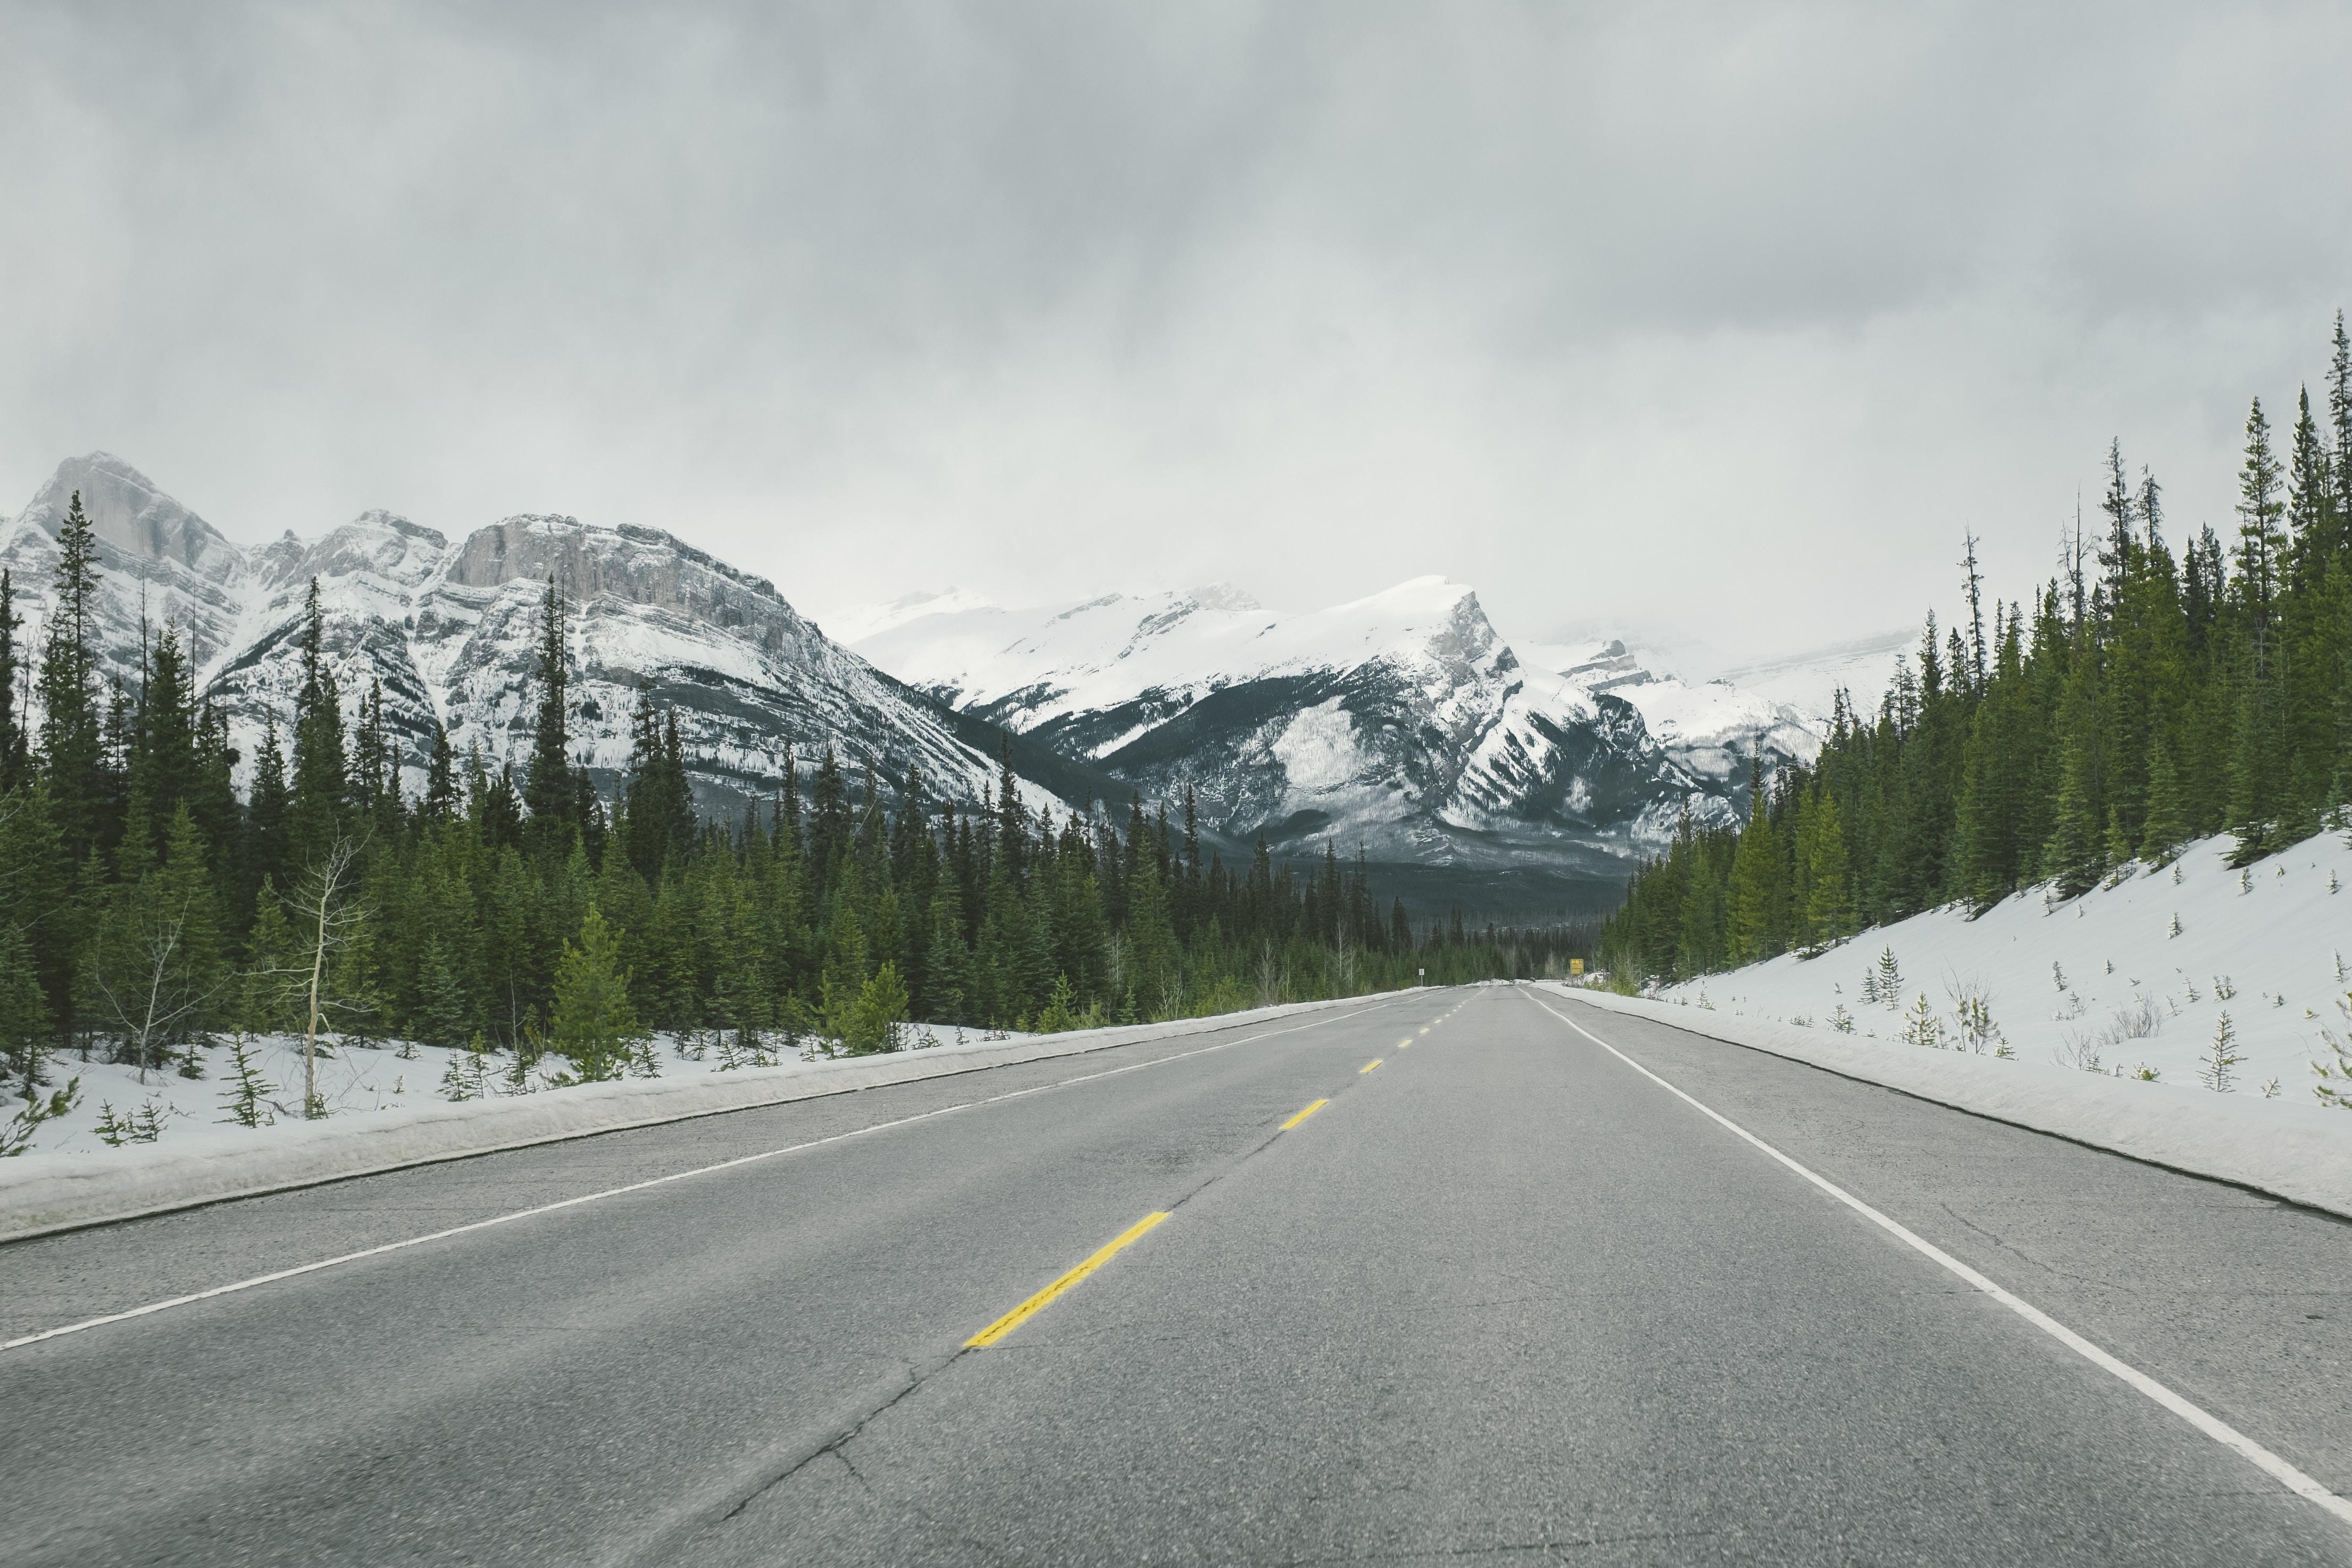 snowy mountains across asphalt road